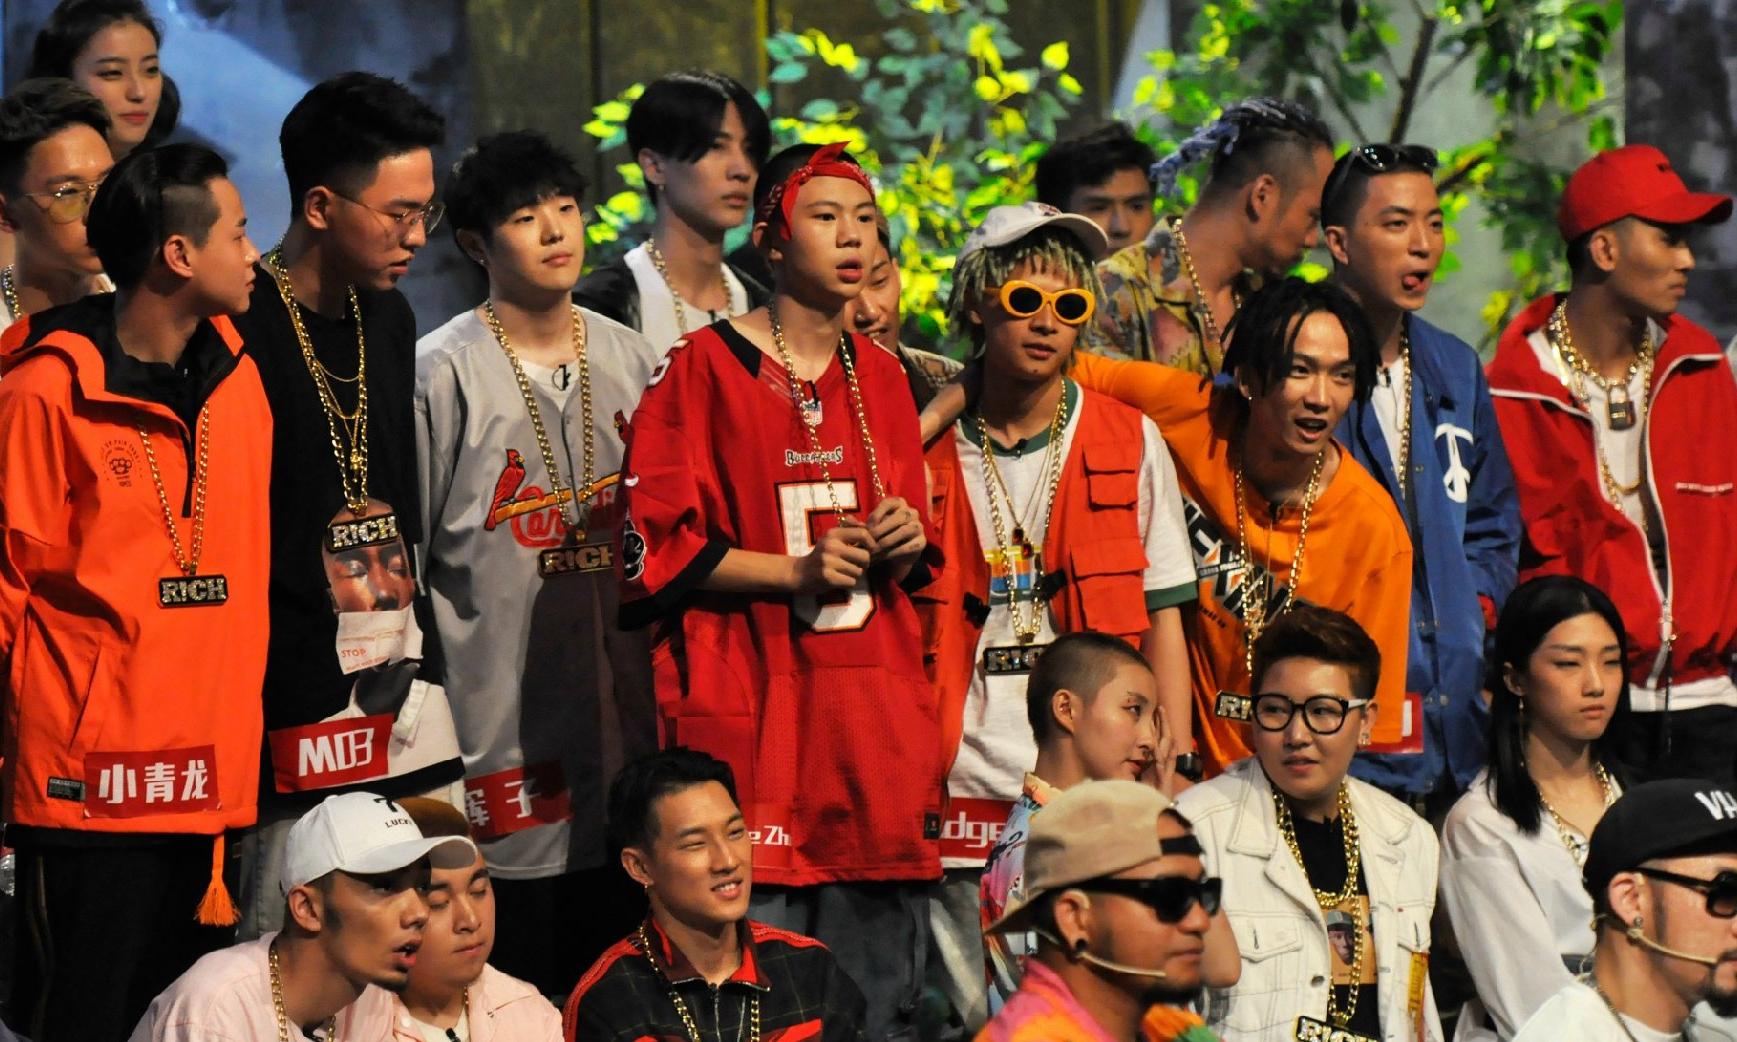 中国的确有嘻哈,但是能成为主流吗?